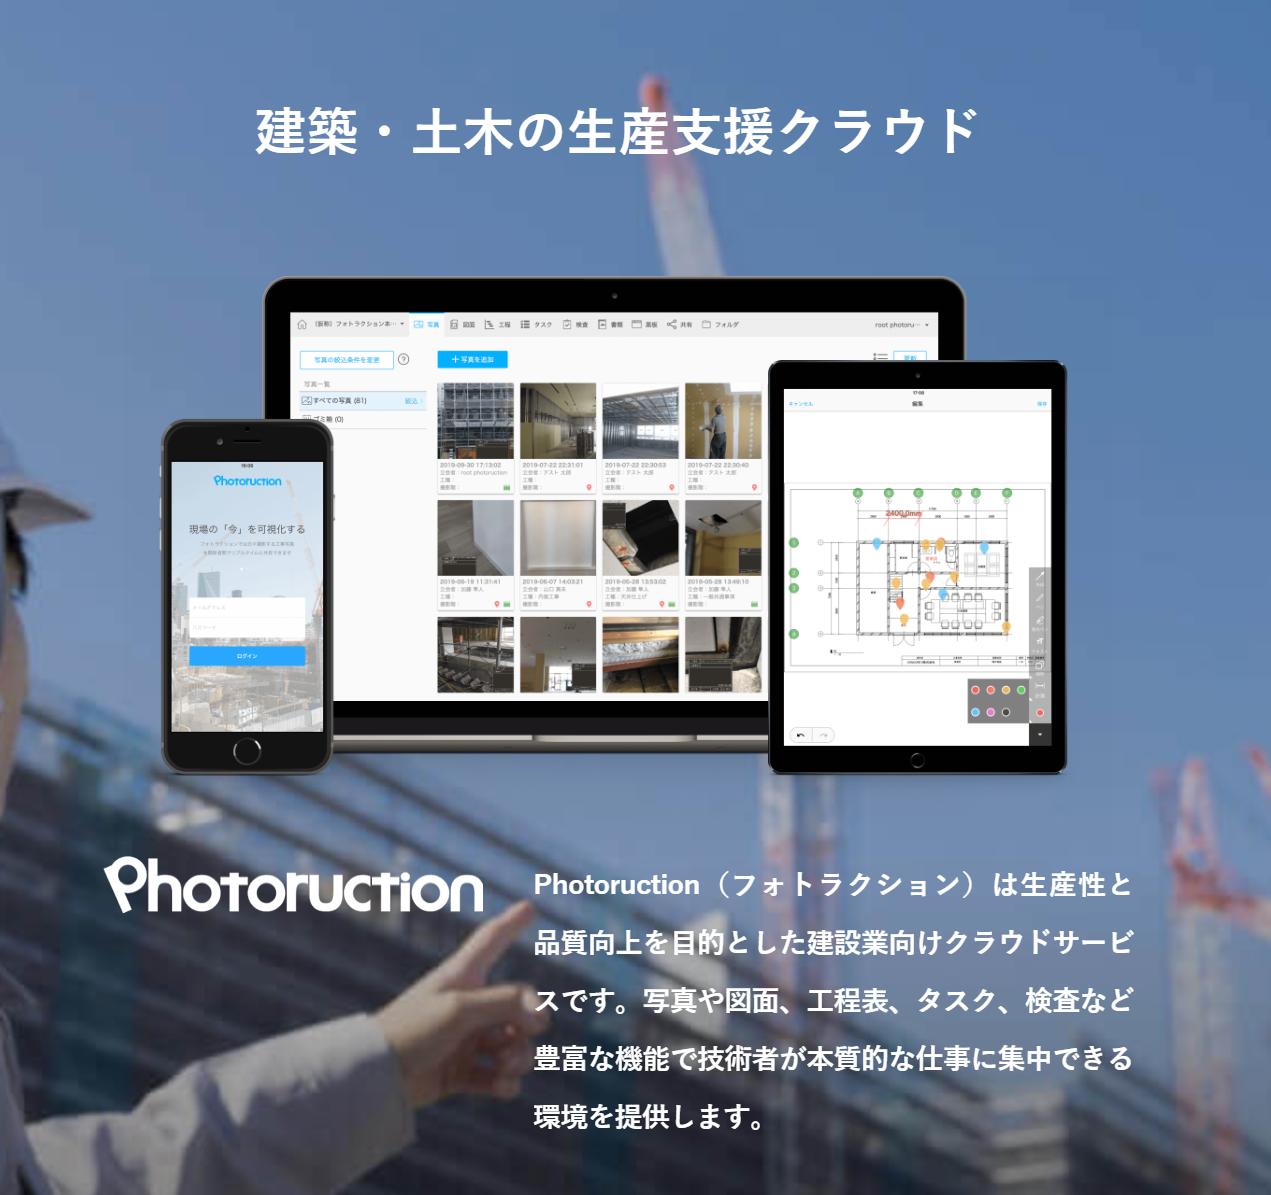 生産支援クラウド『Photoruction』